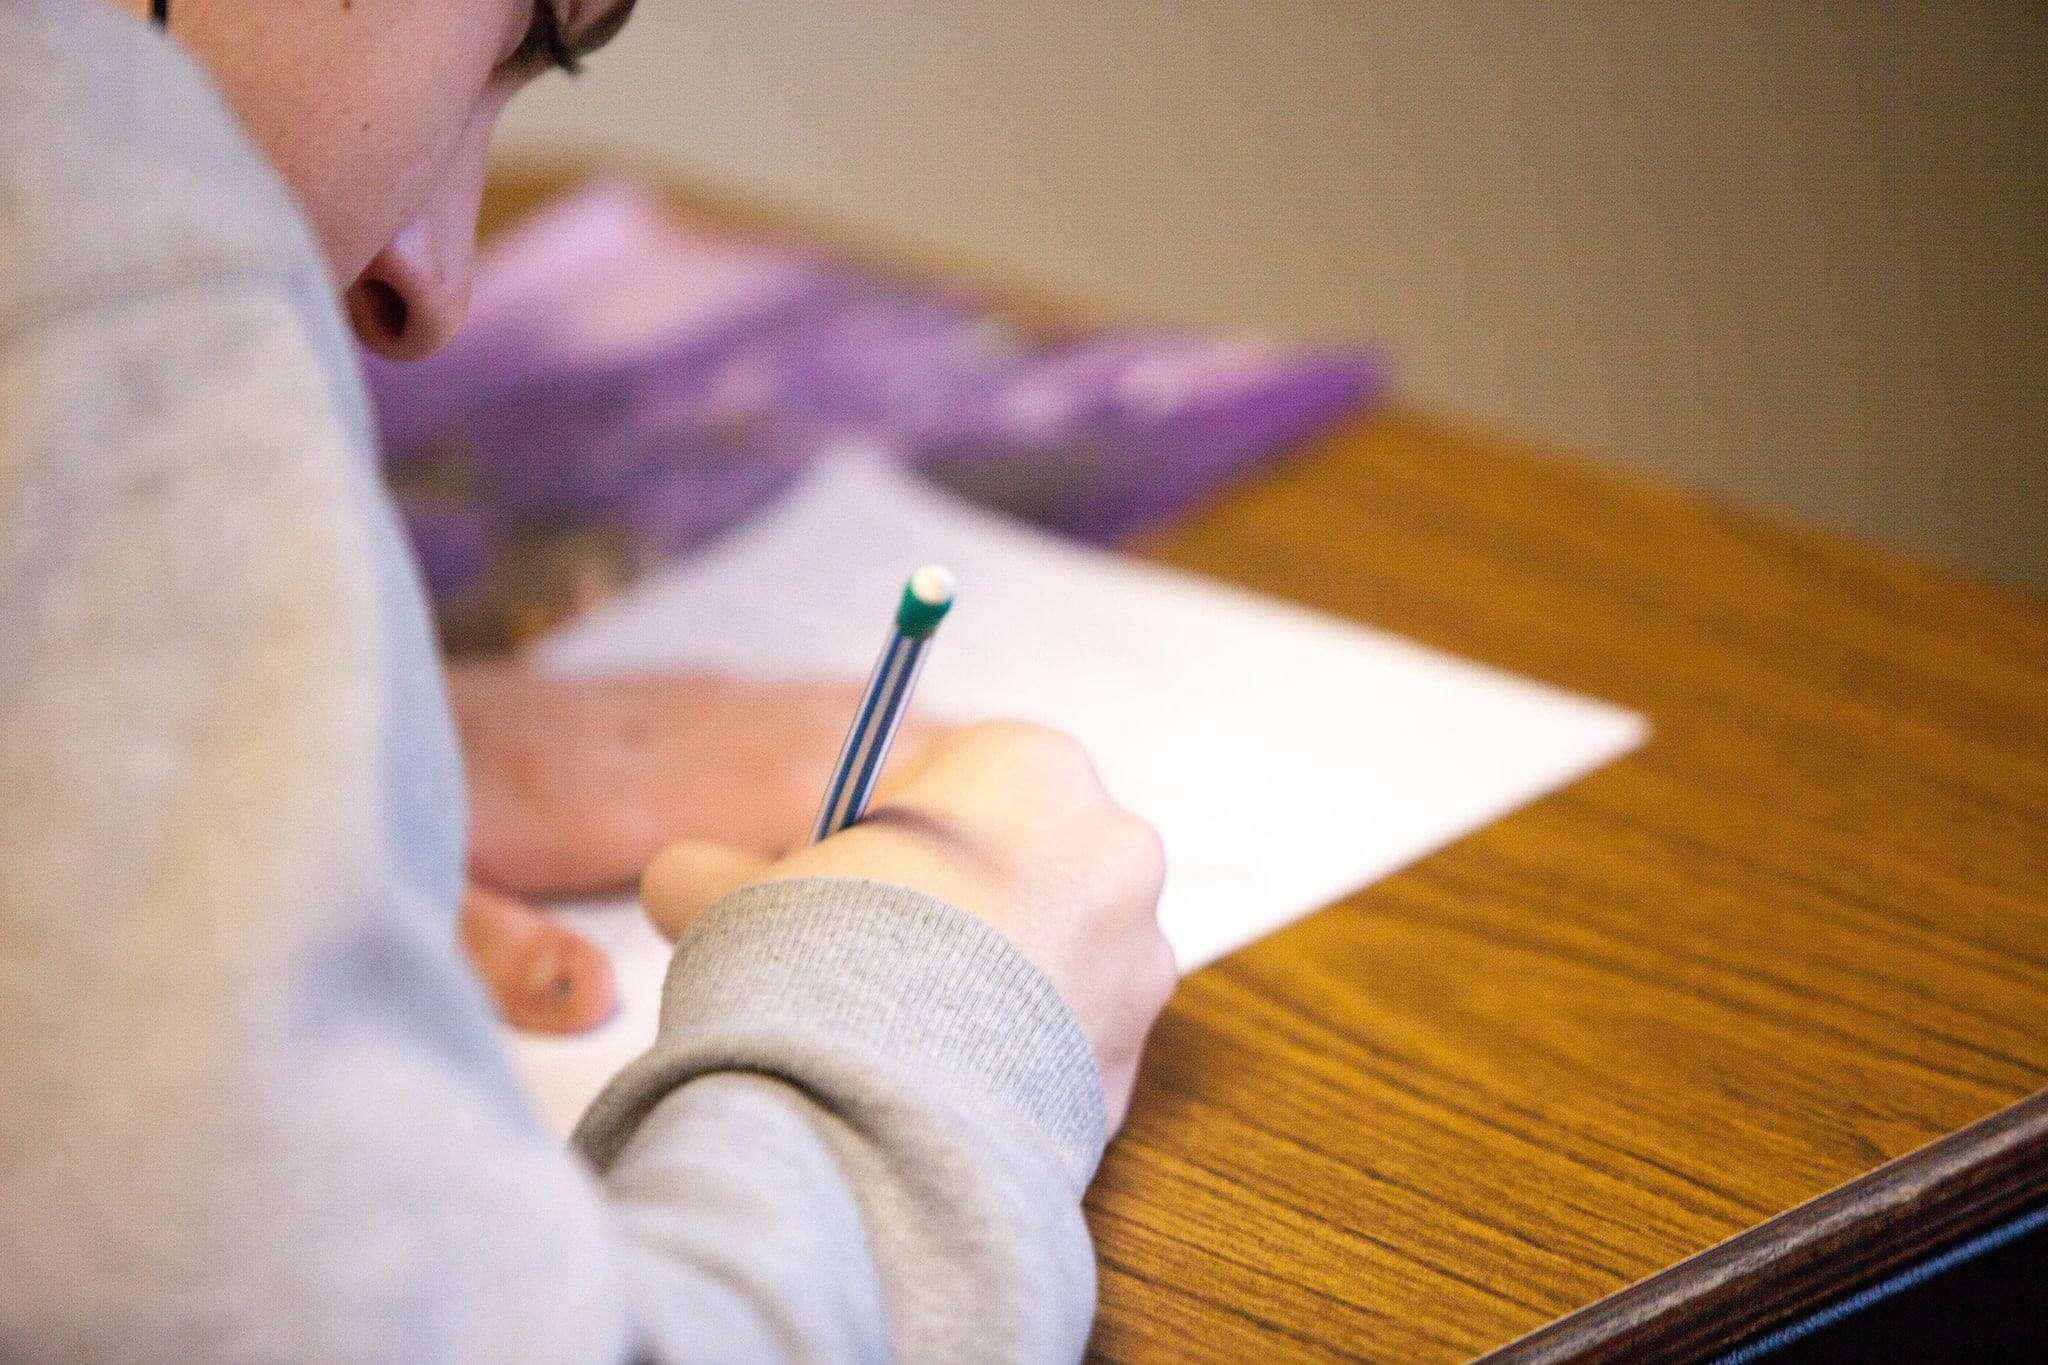 un élève fait un travail d'écriture